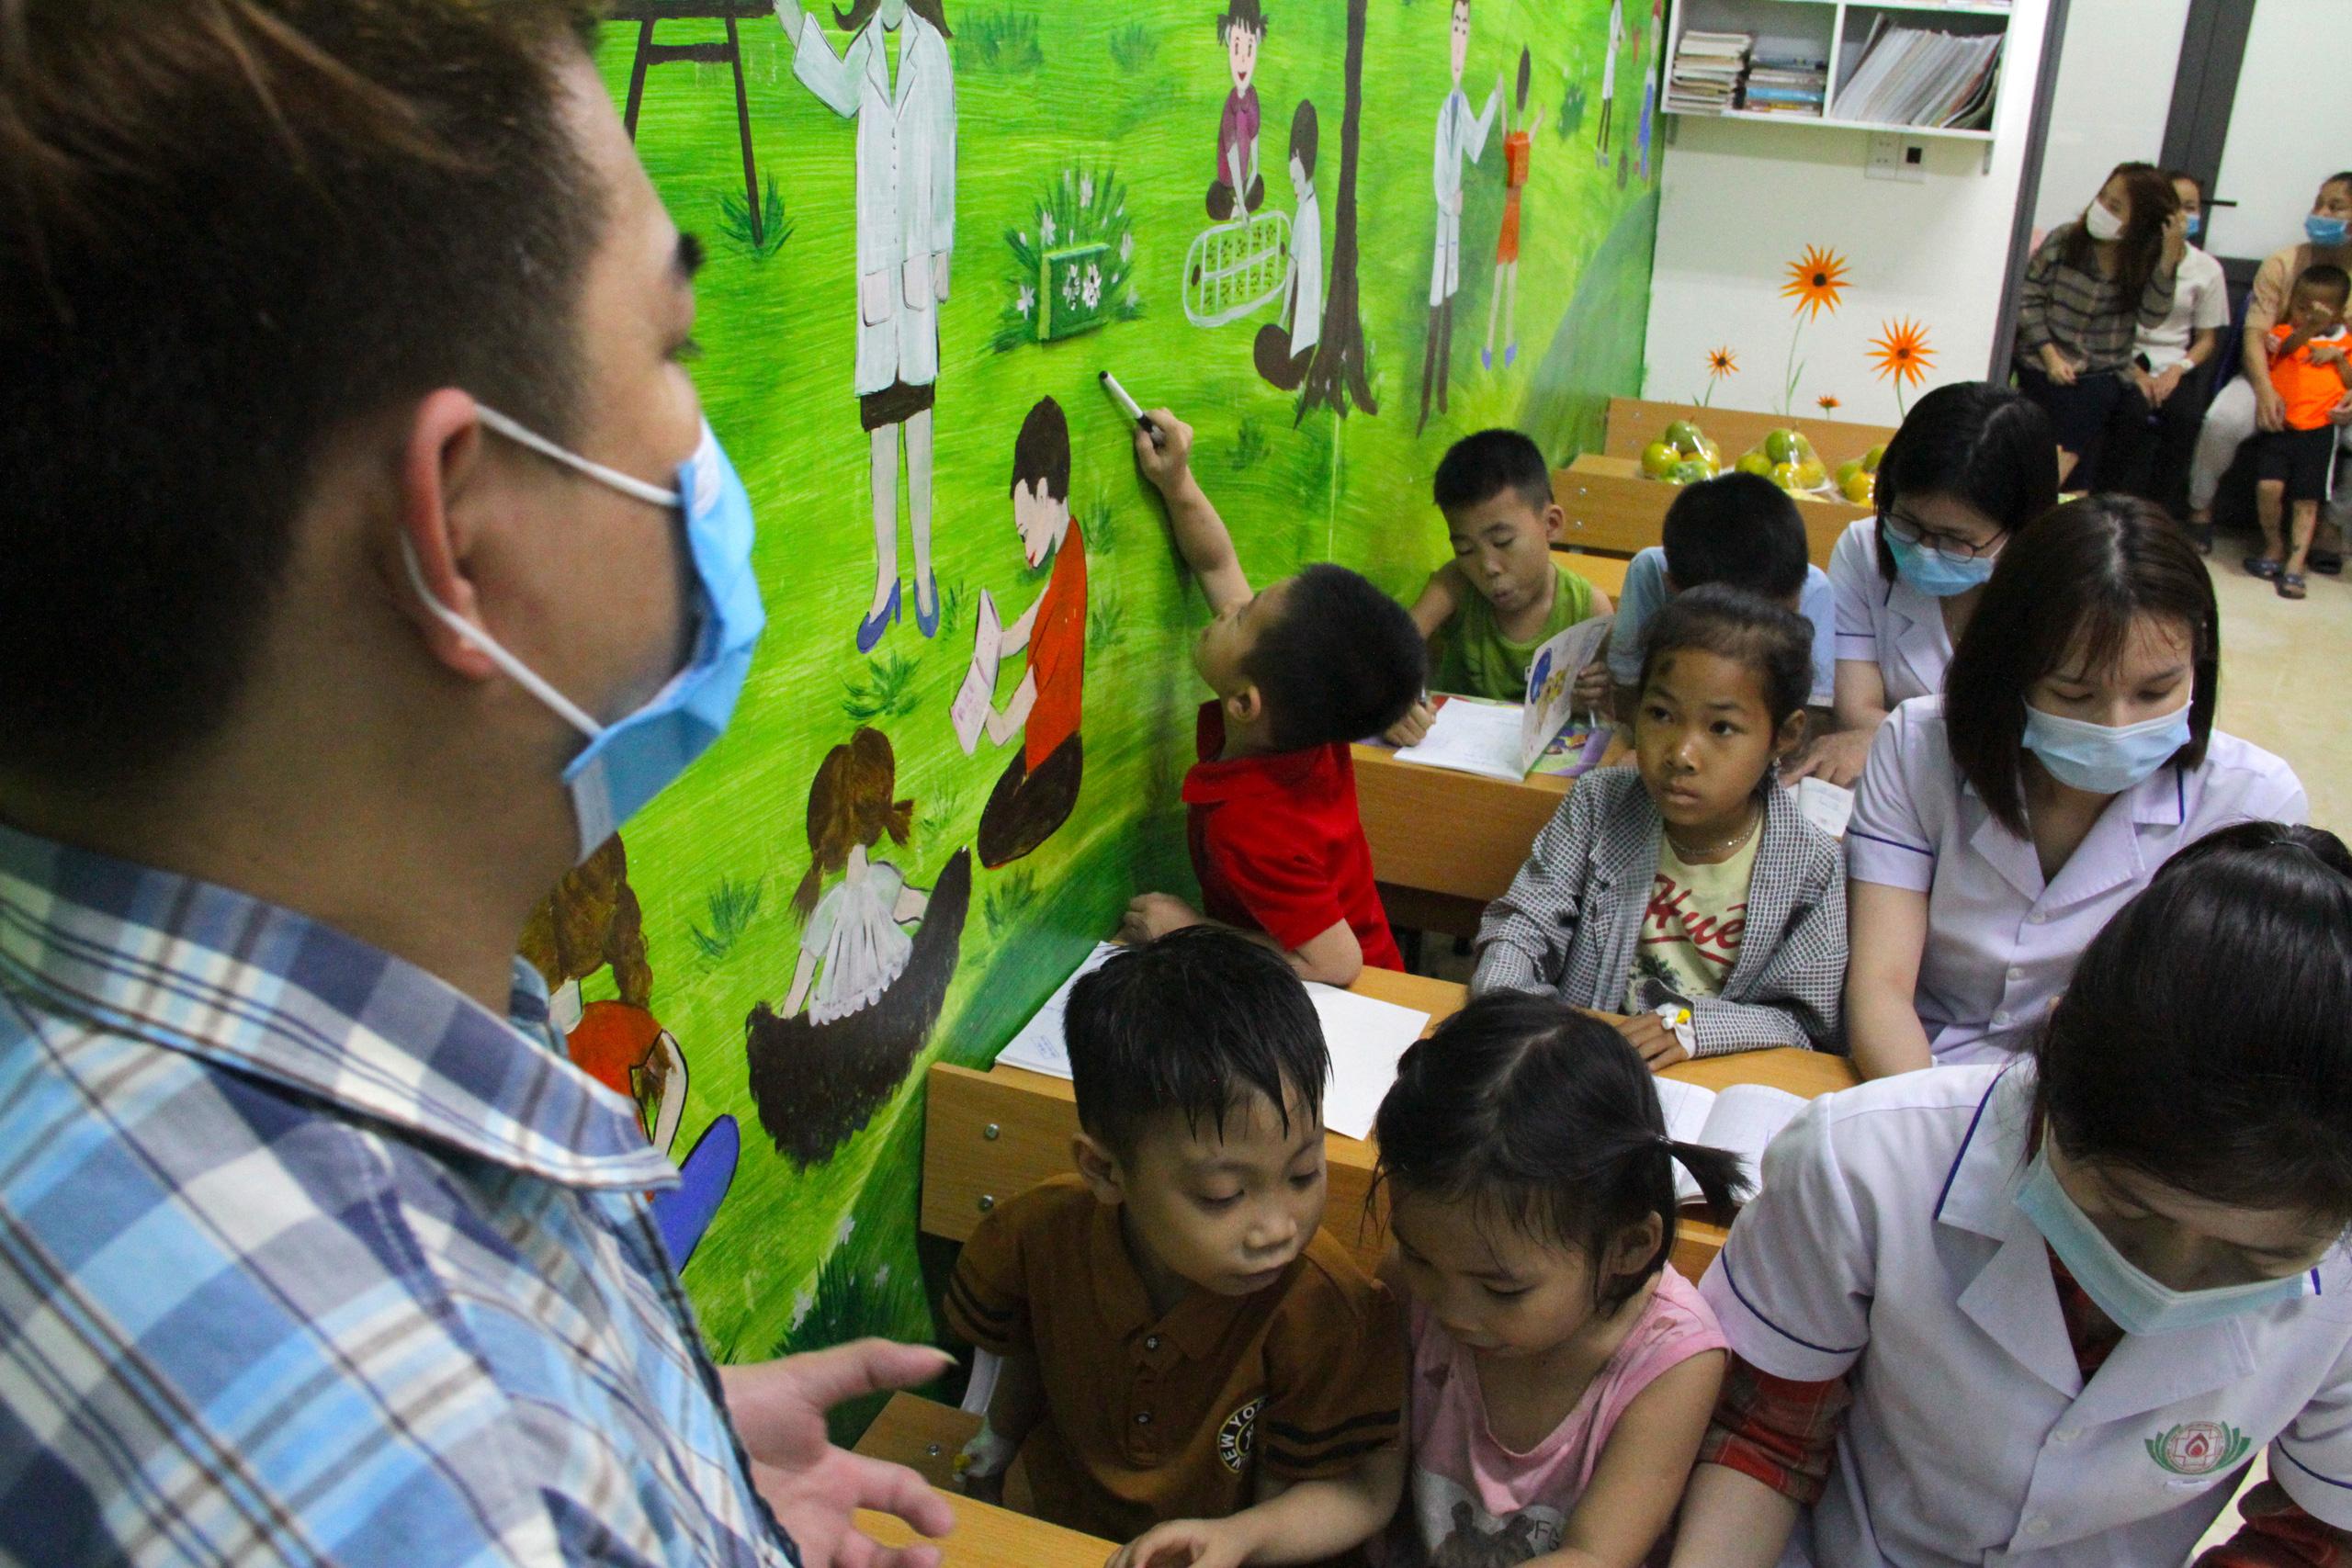 Lớp học đặc biệt trong trung tâm truyền máu, thầy cô là những người khoác áo blouse trắng - Ảnh 8.